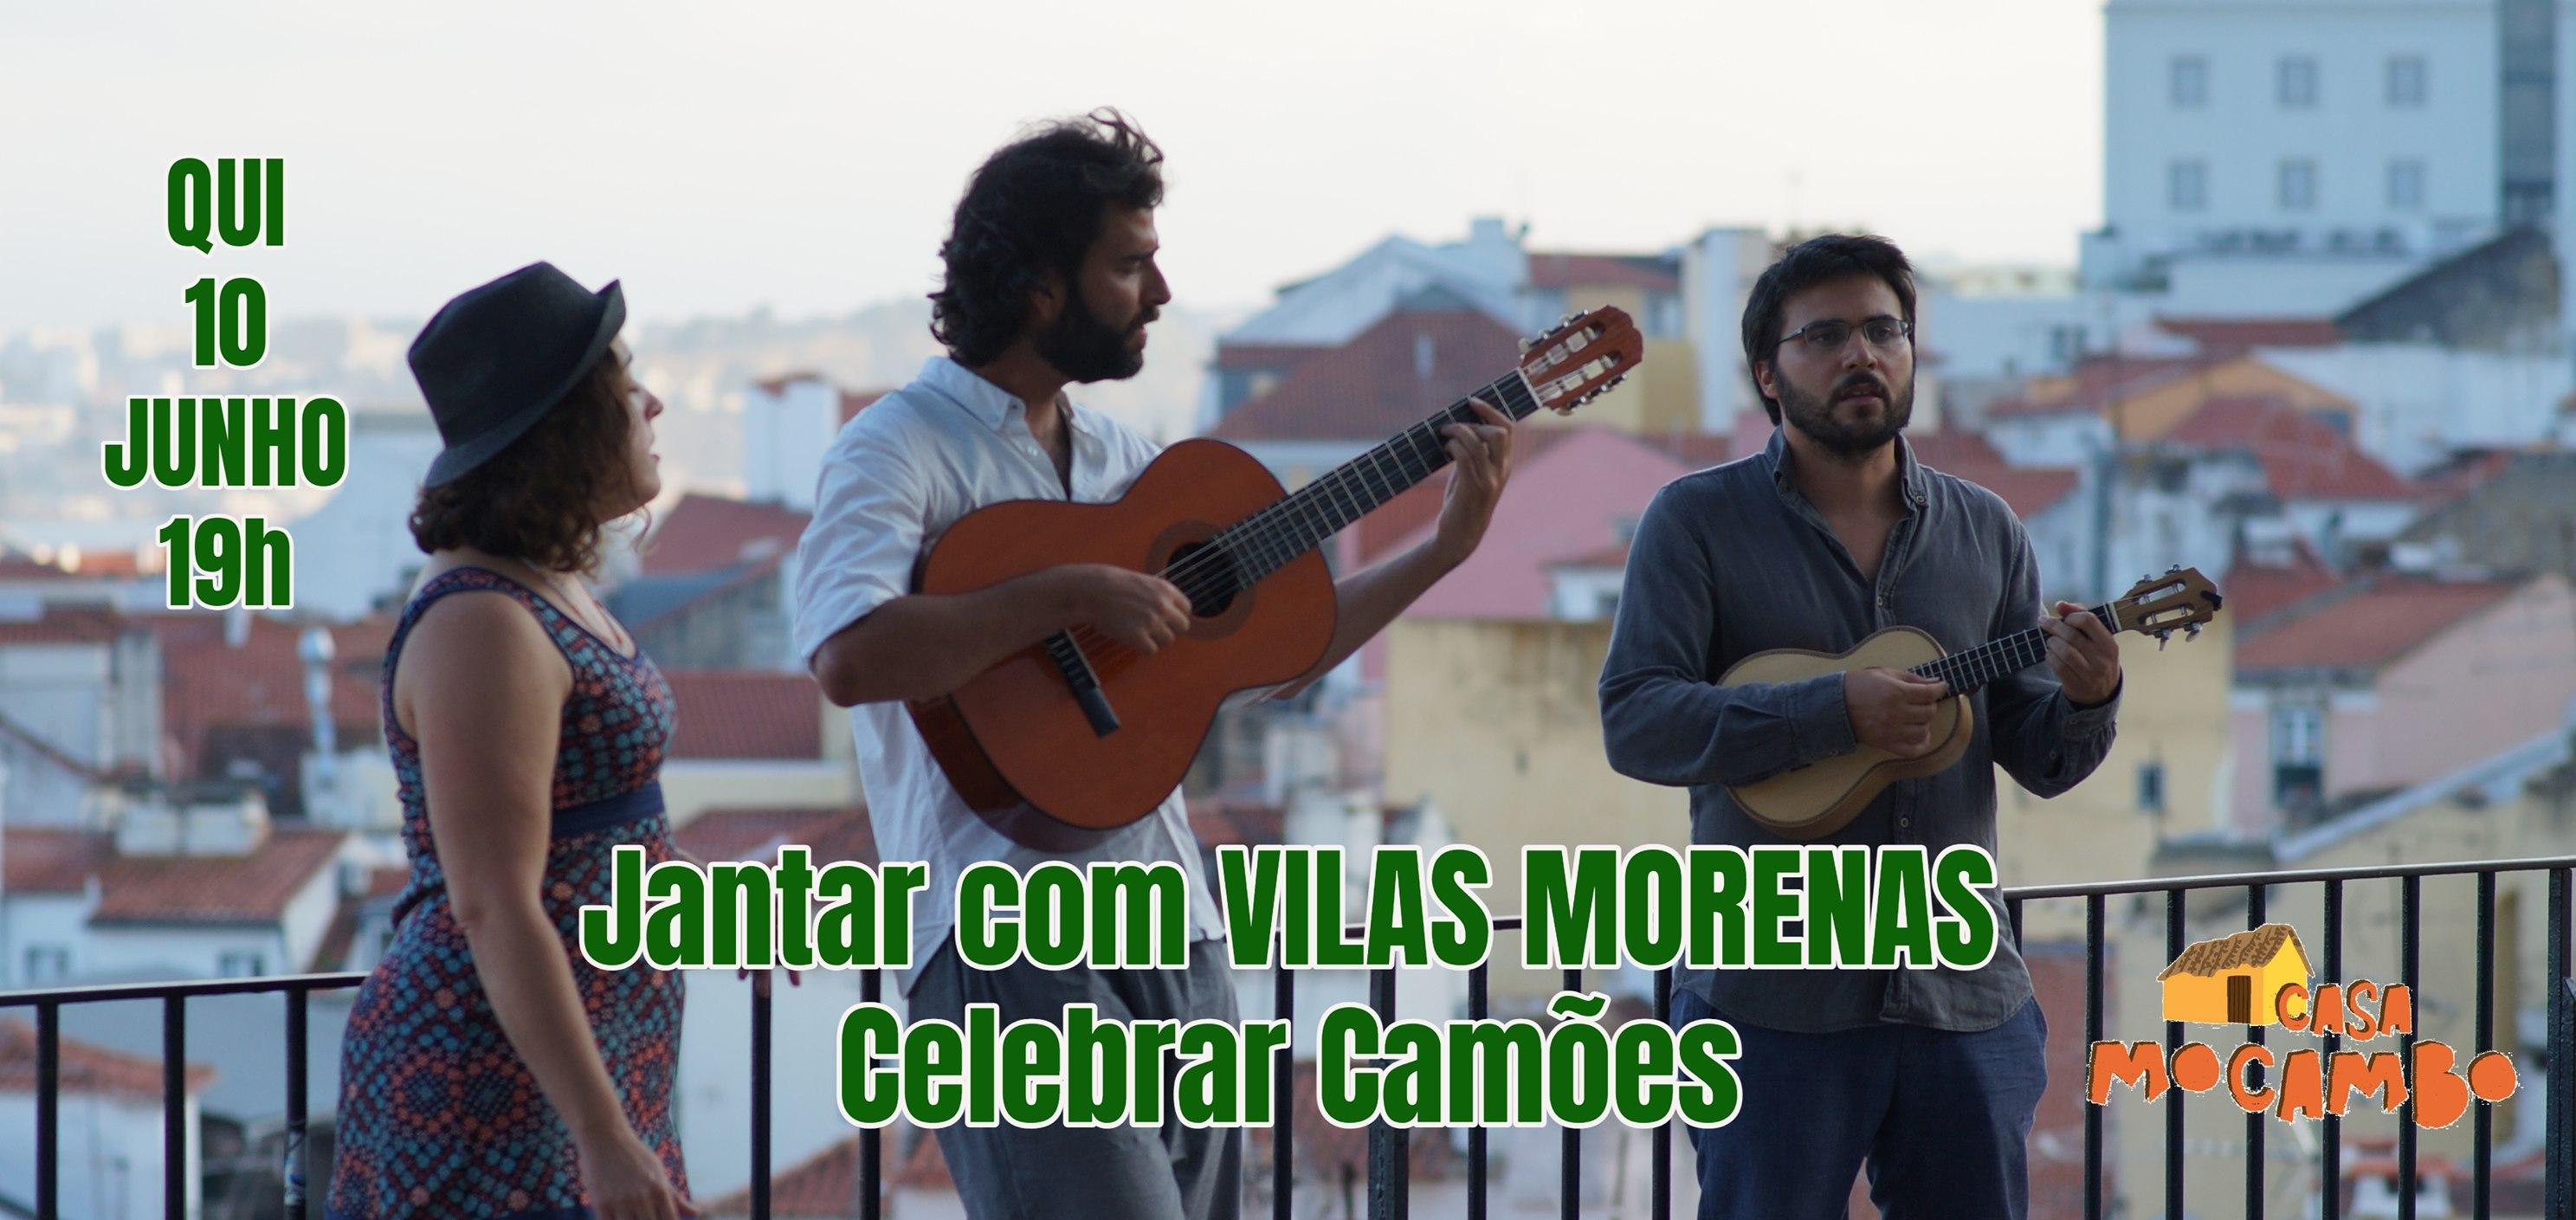 Jantar com 'Vilas Morenas' - Celebrar Camões